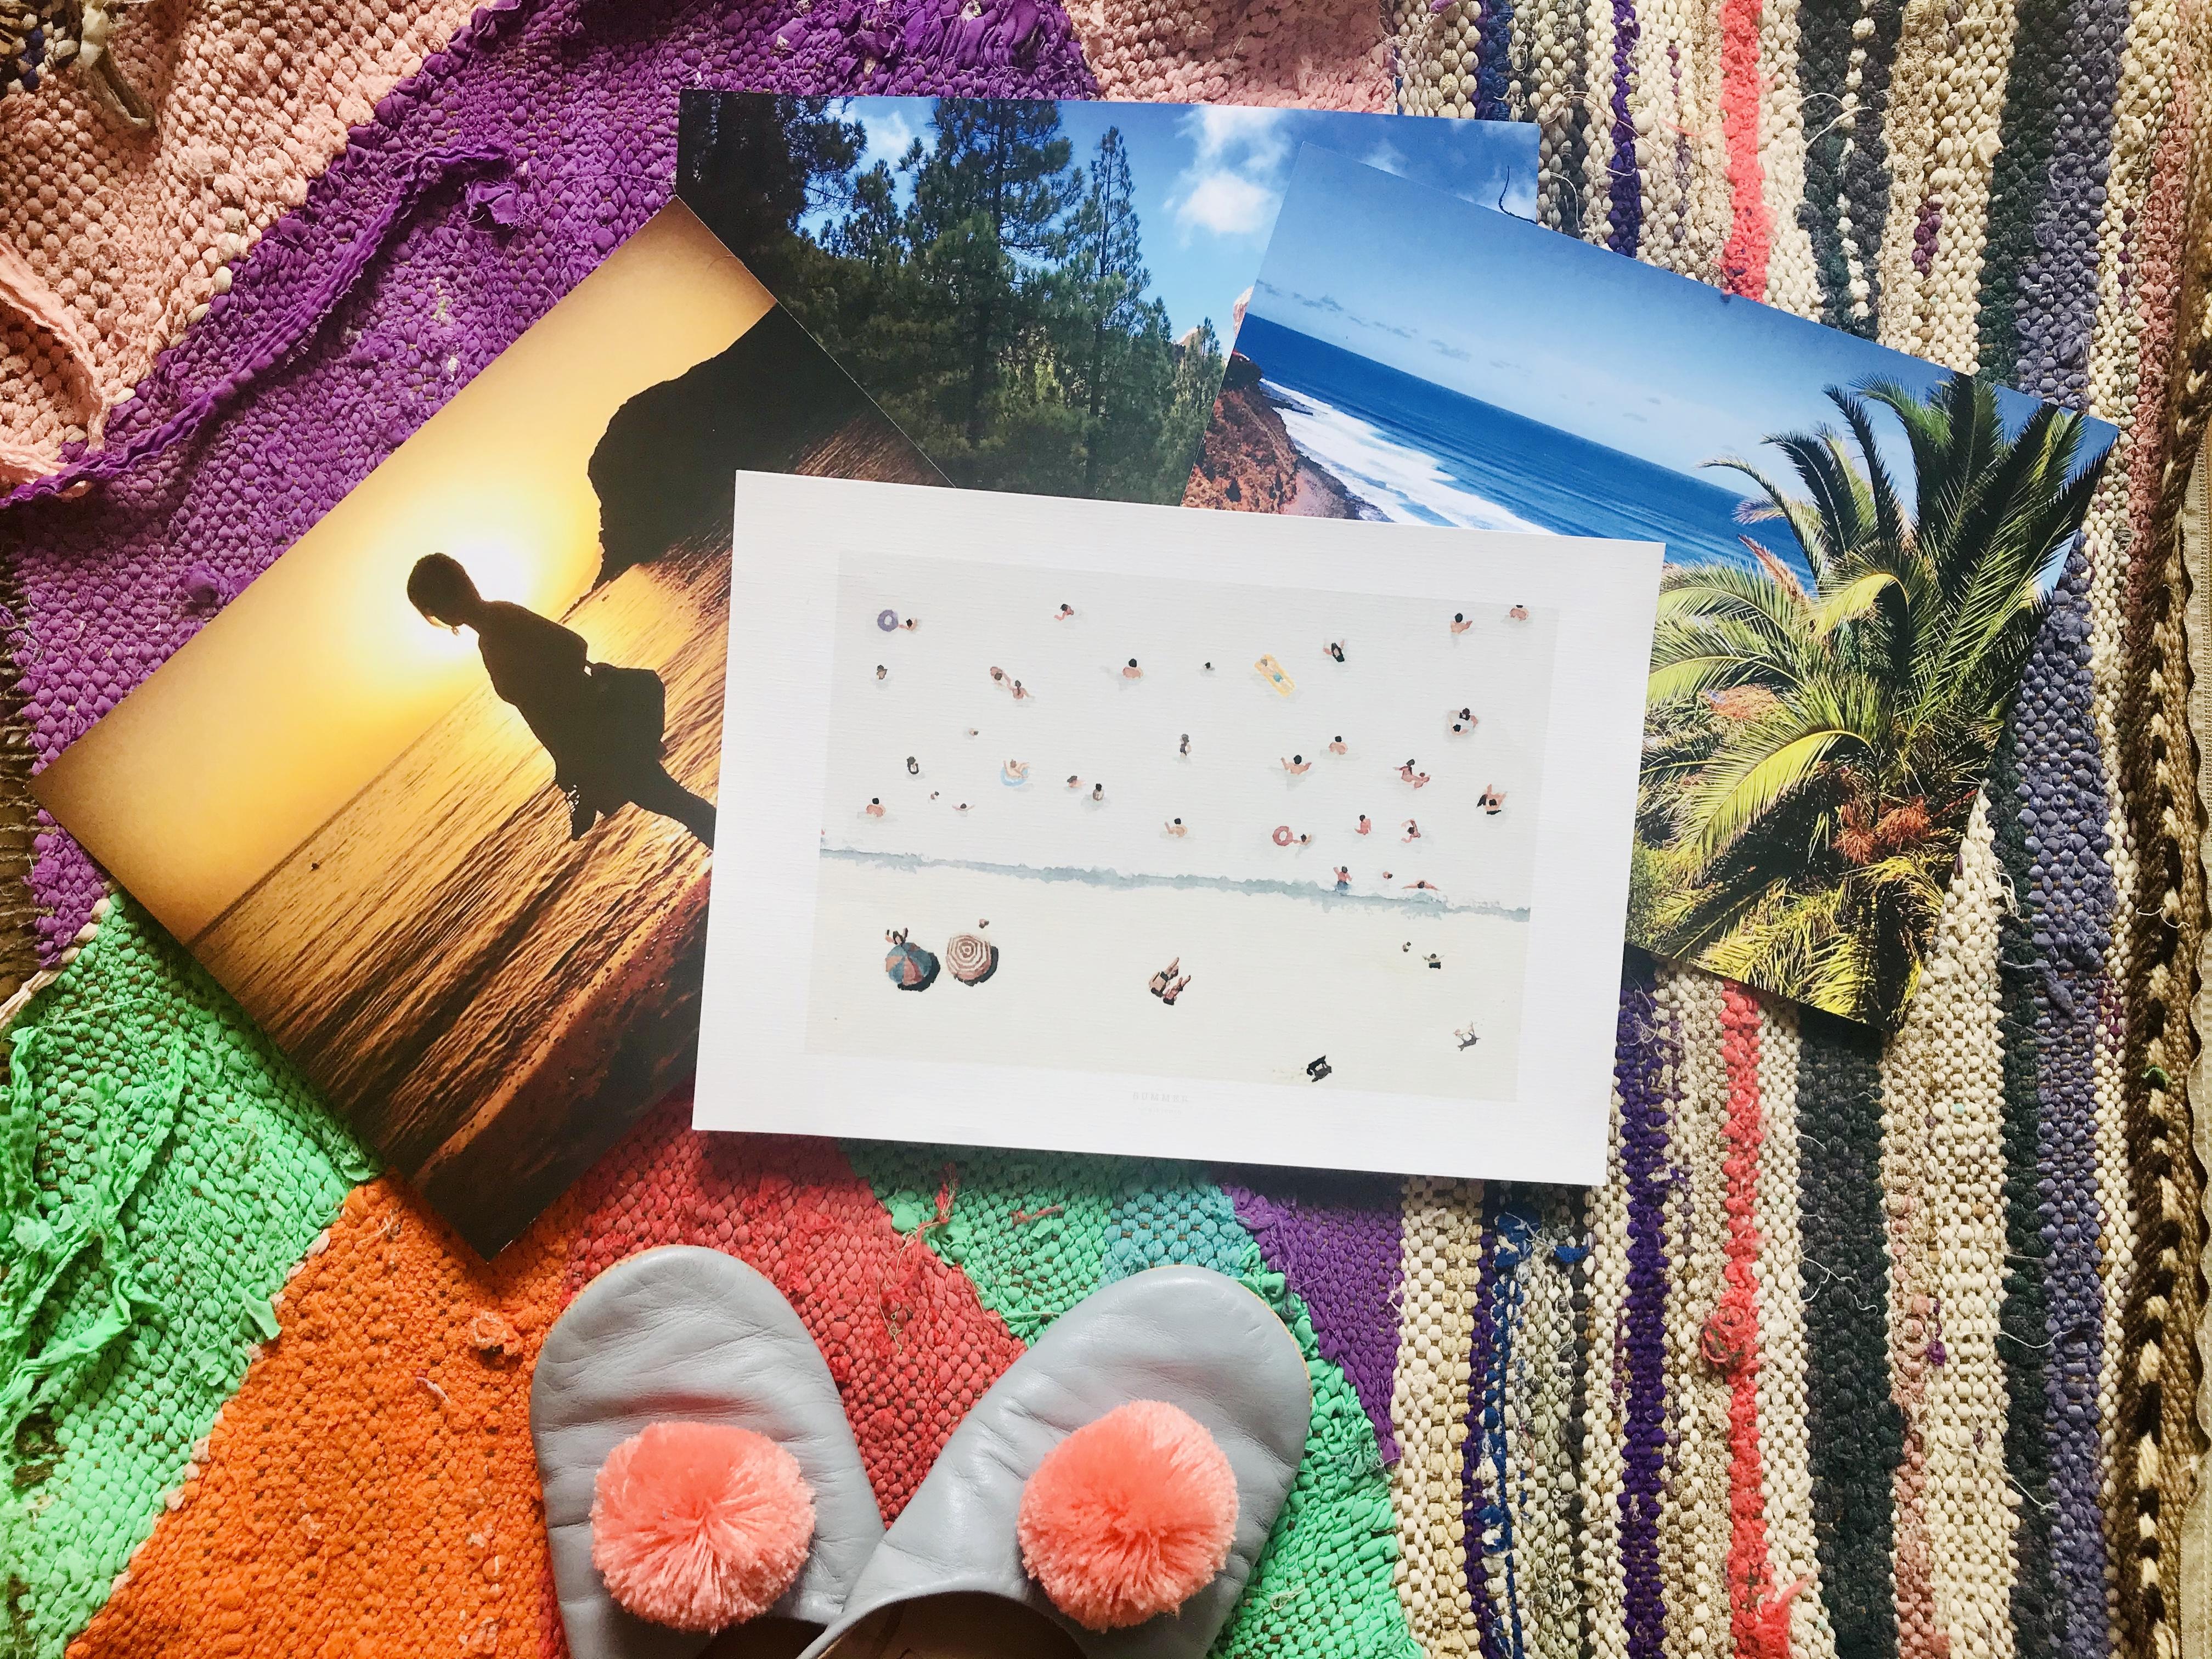 Boho Illustrationen und Urlaubsfotos.jpg